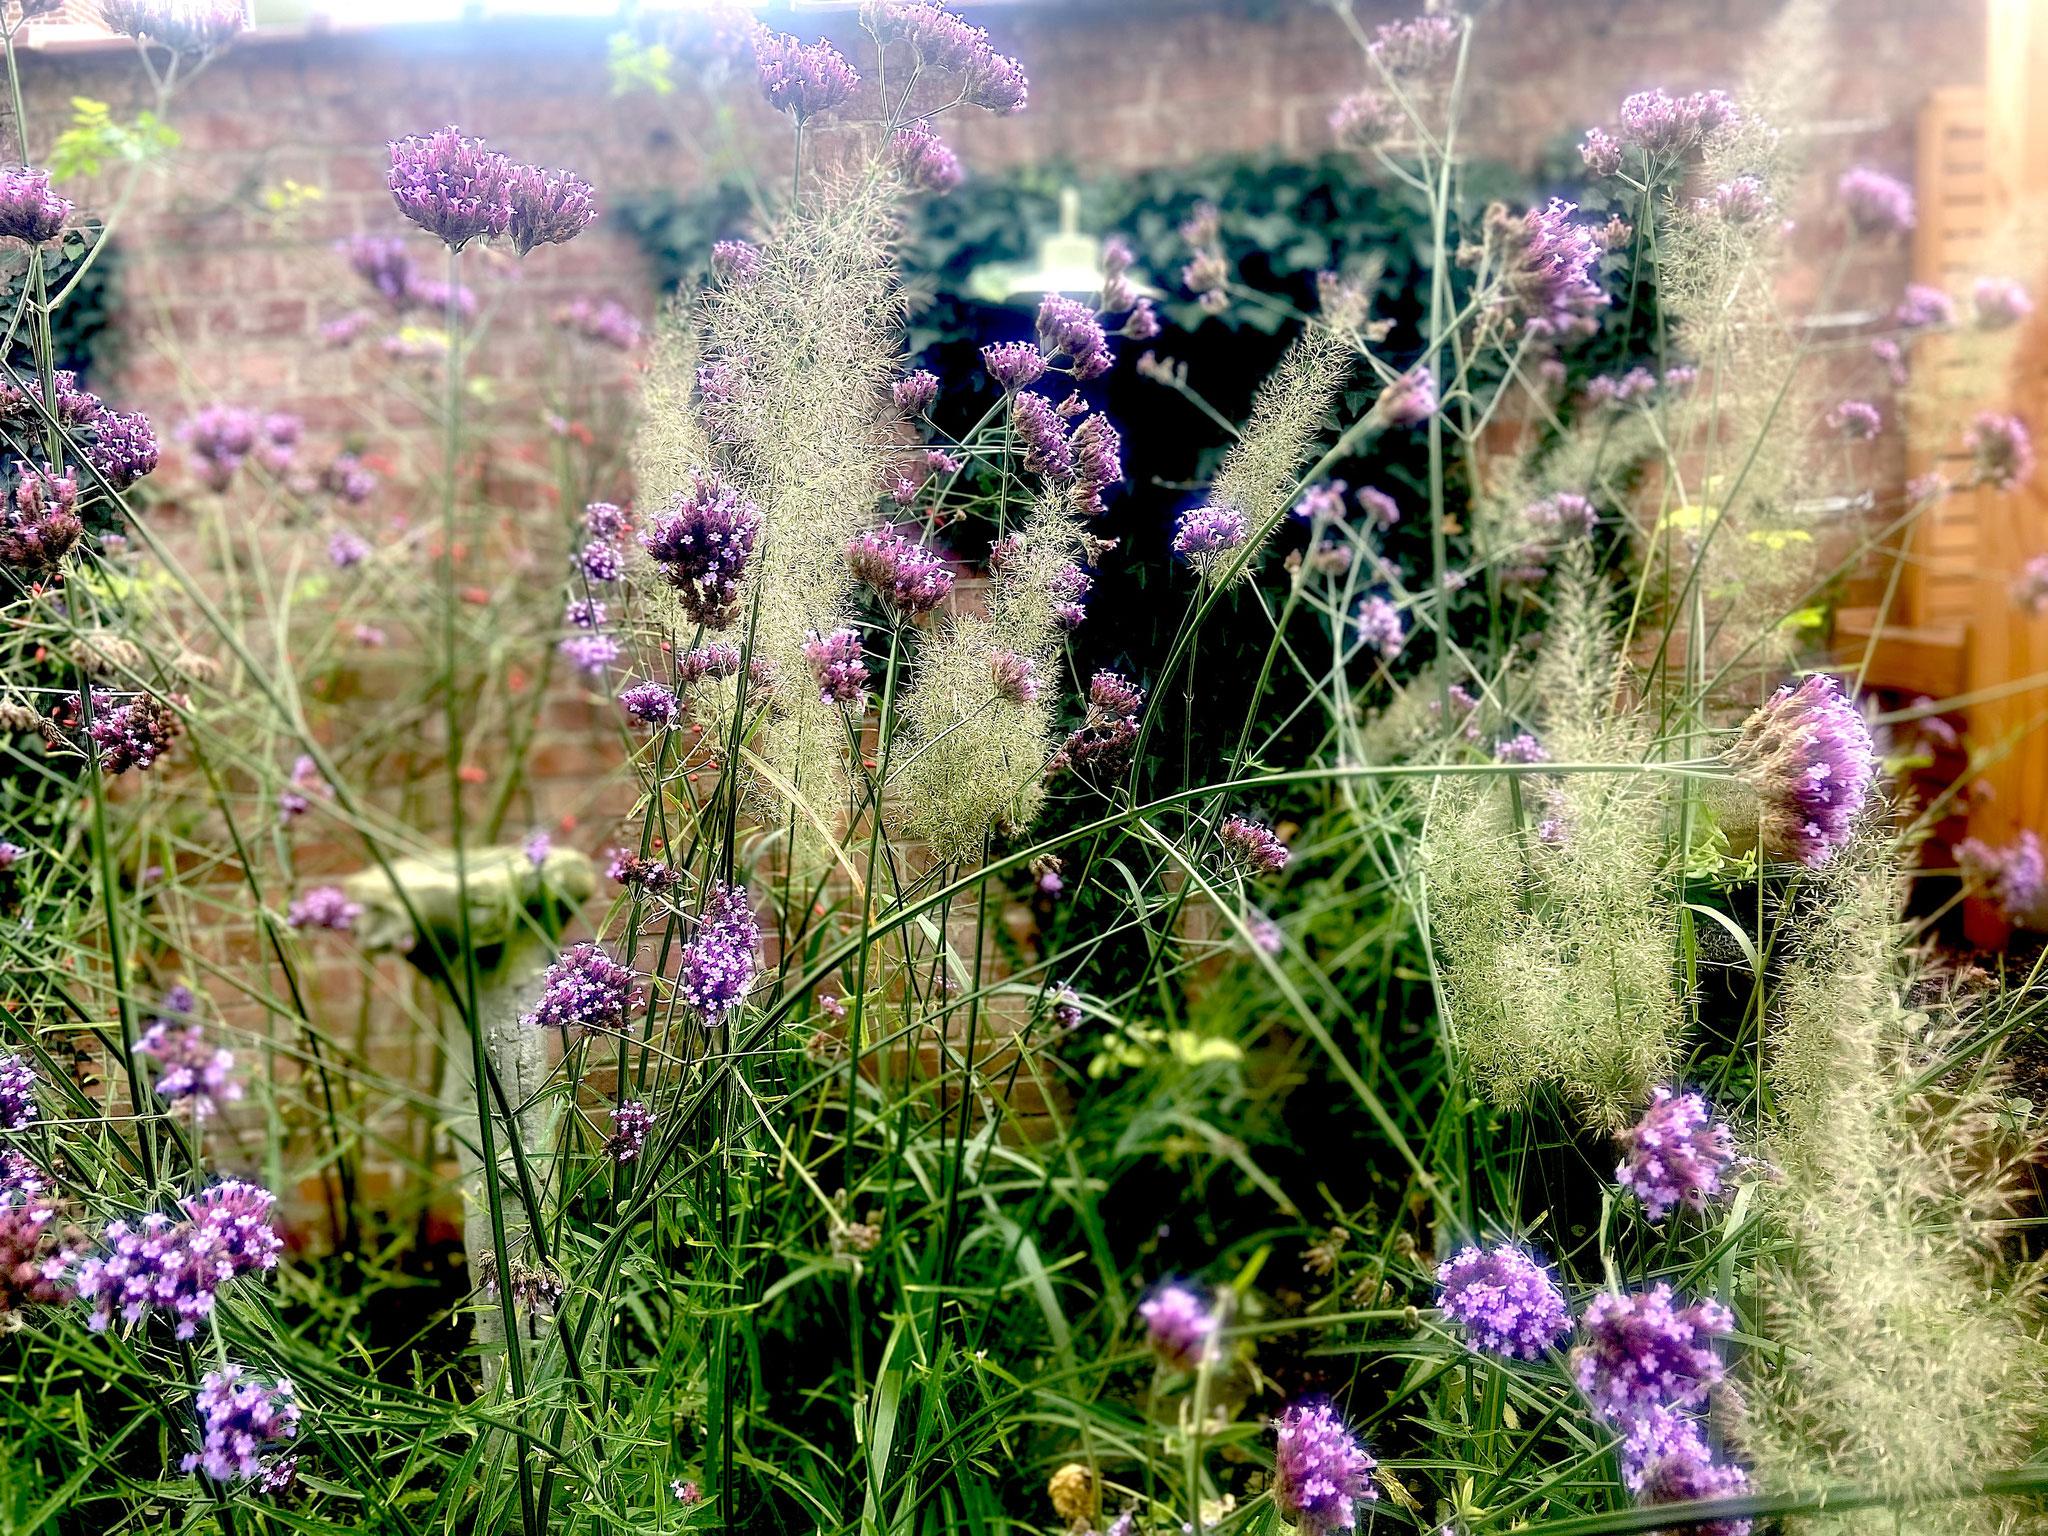 Jardin de ville 50m2 - Jardin naturaliste - Détail de végétation / Verbena bonariensis et calamagrostis brachetrycha. Aménagement Jardin Bruxelles